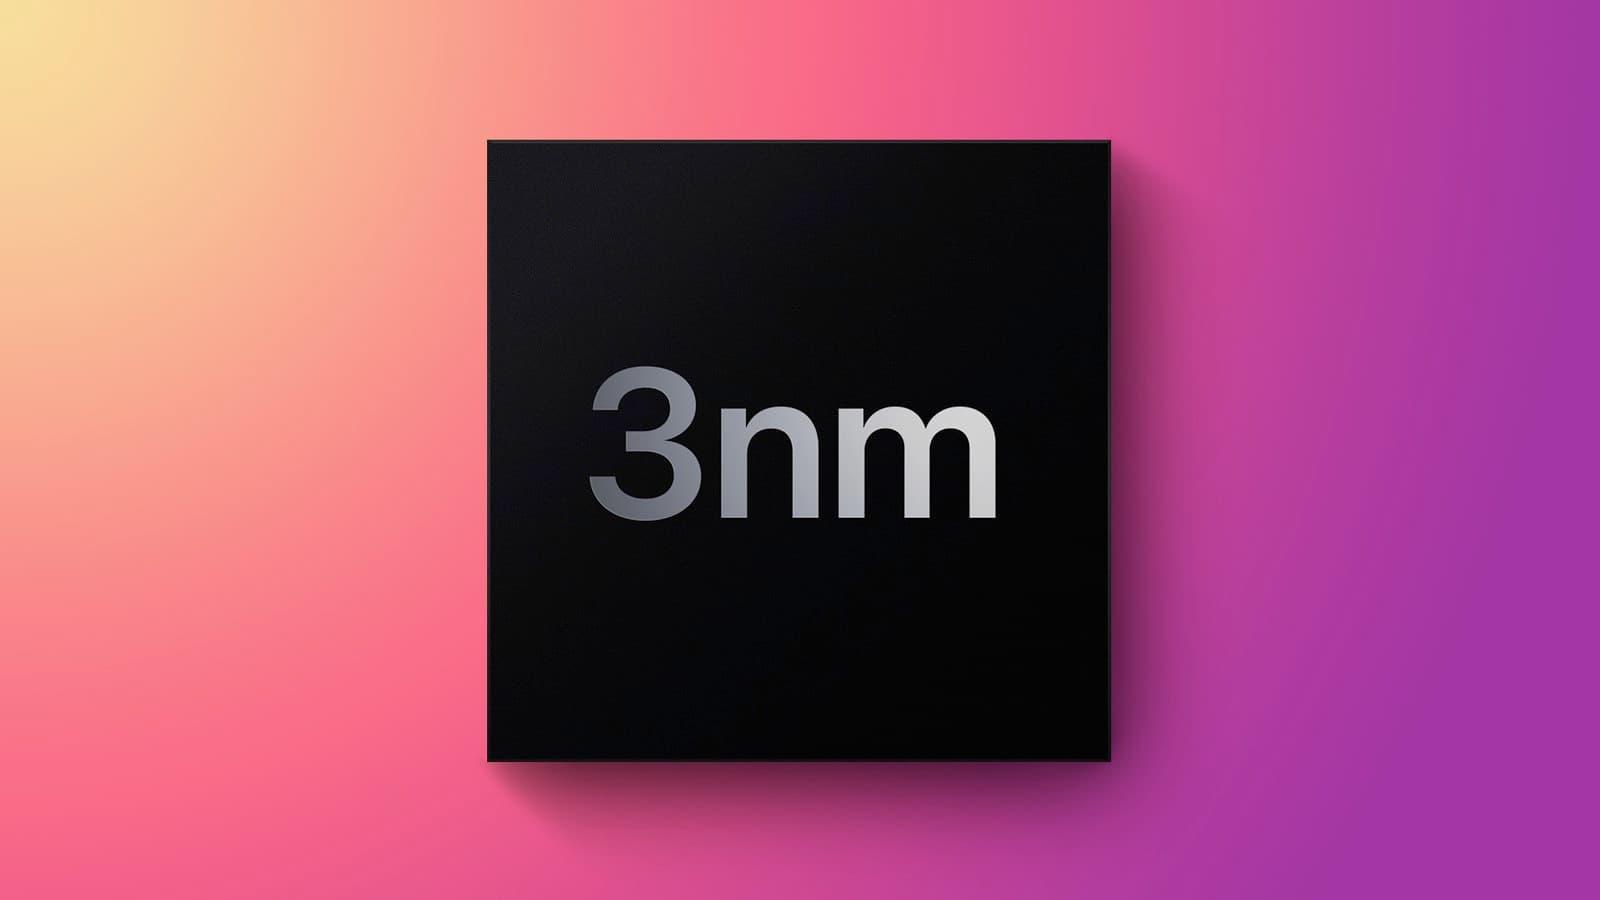 蘋果在2022年率先採用台積電3奈米製程技術,首款設備是?